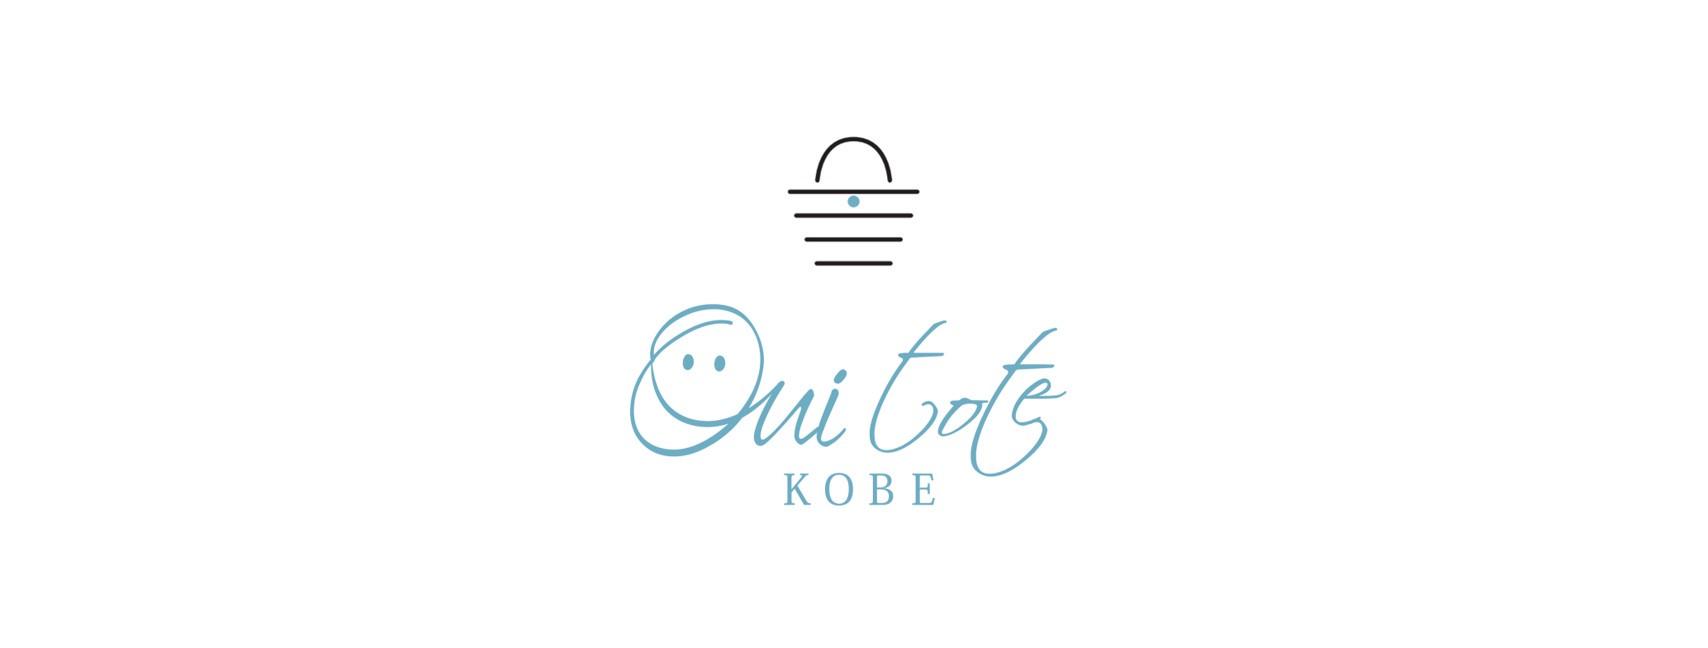 Ouitote